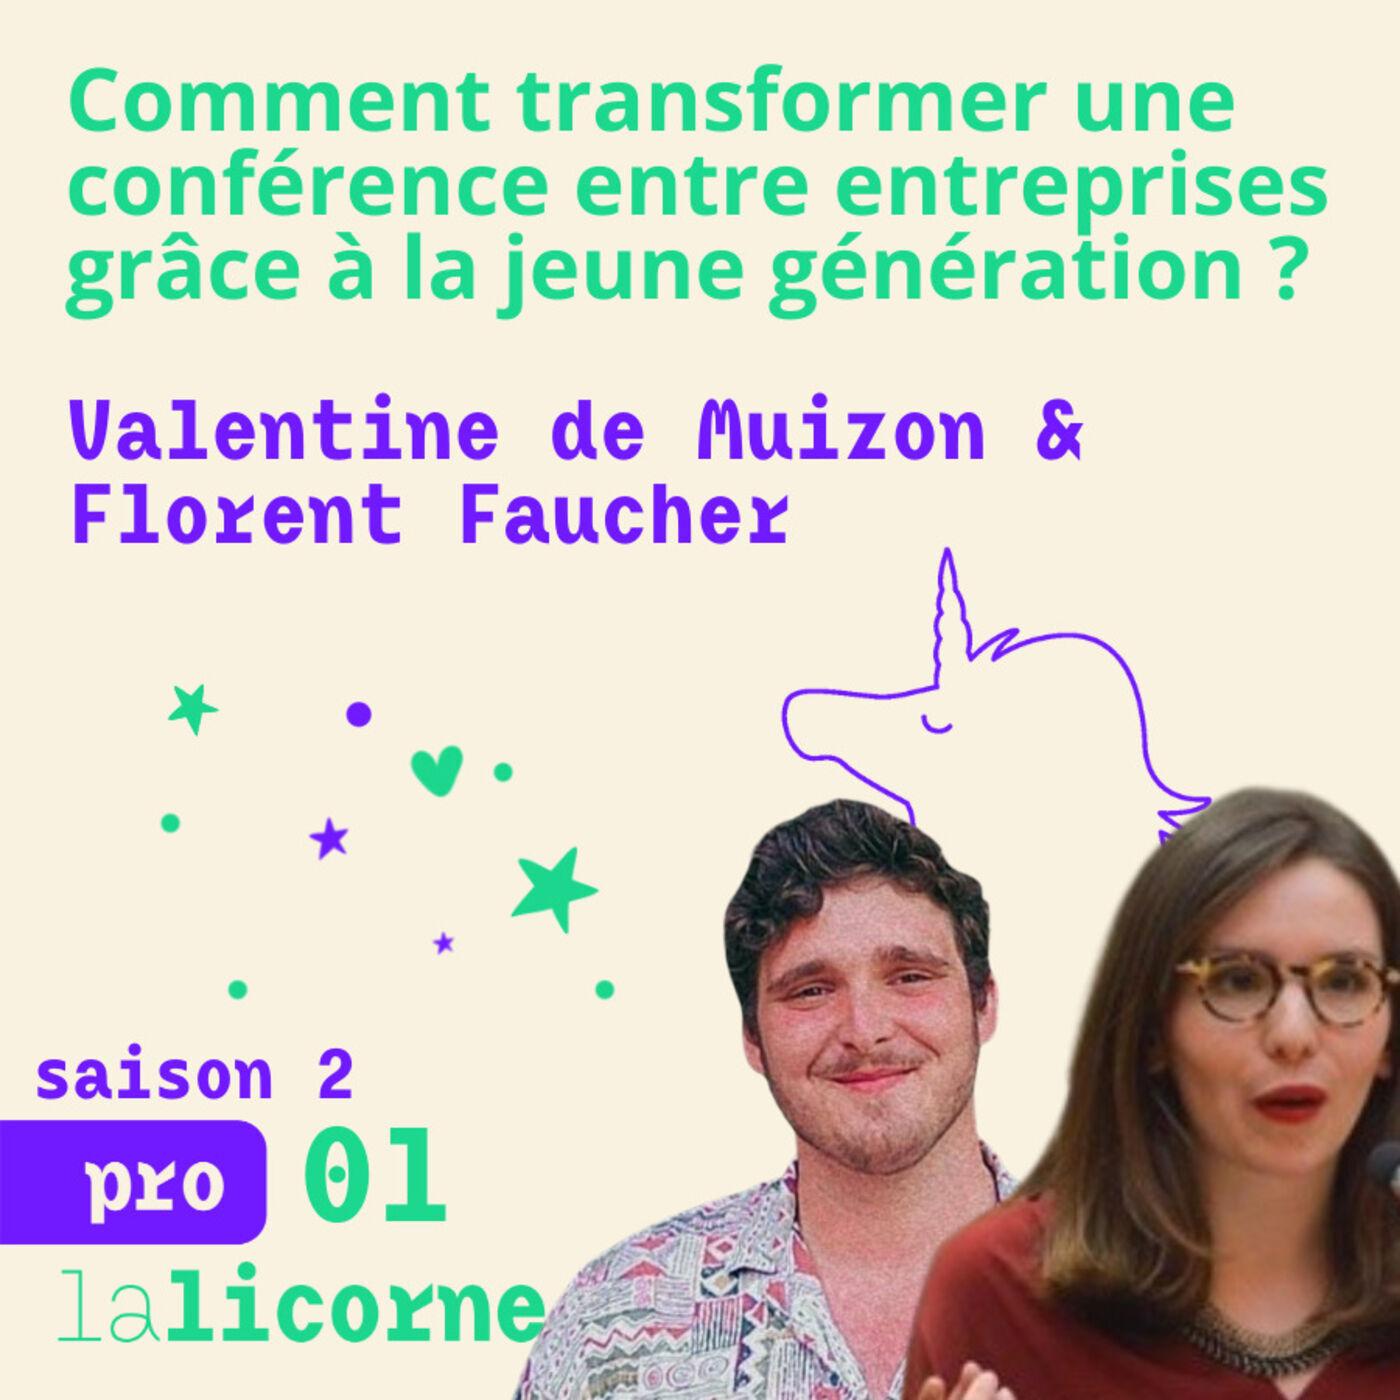 2.1 Pro ✊🏼 Valentine de Muizon & Florent Faucher - Comment transformer une conférence entre entreprises grâce à la jeune génération ?